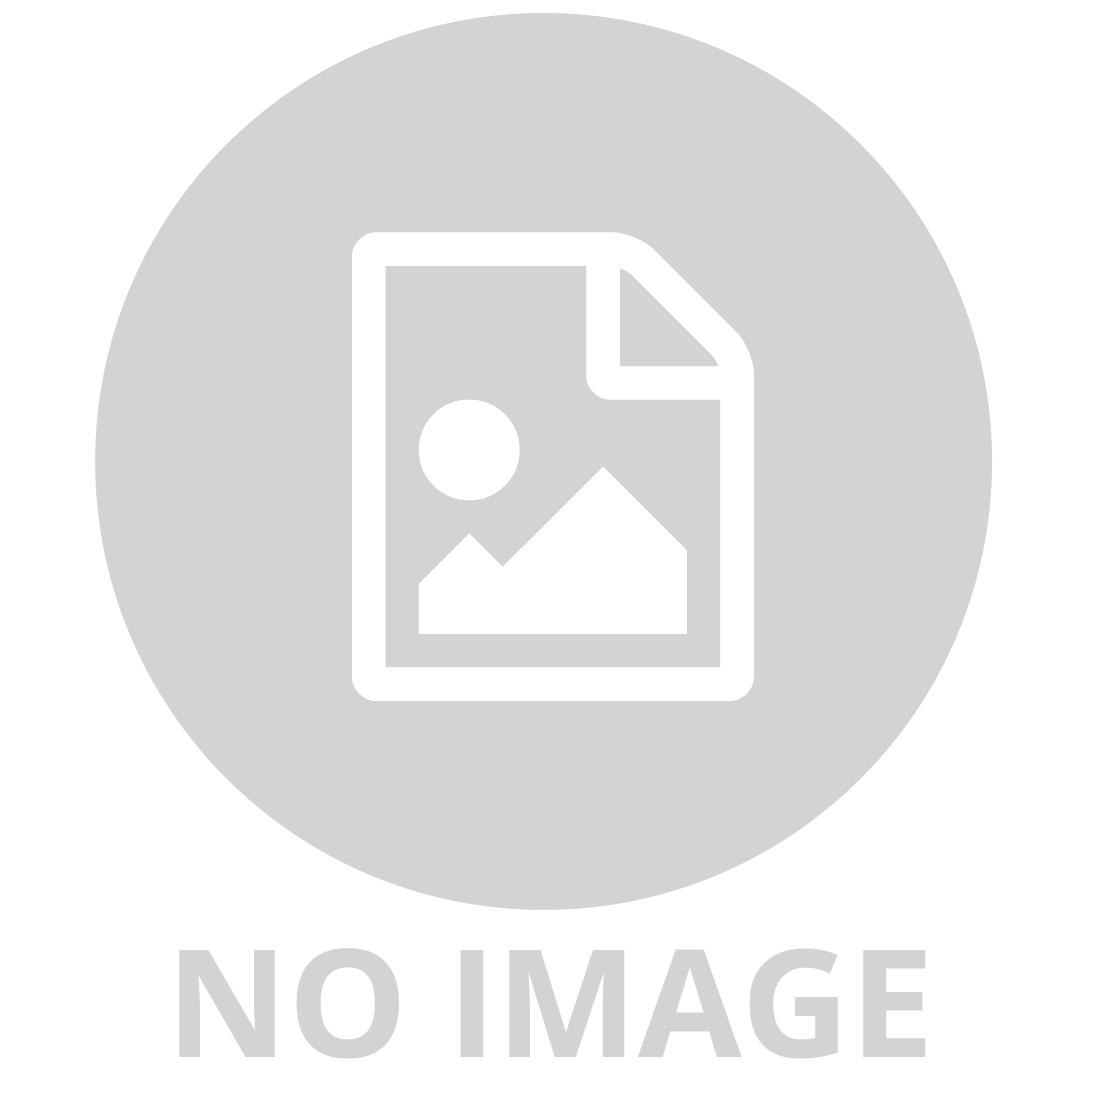 SYLVANIAN FAMILY CHIHUAHUA DOG FAMILY